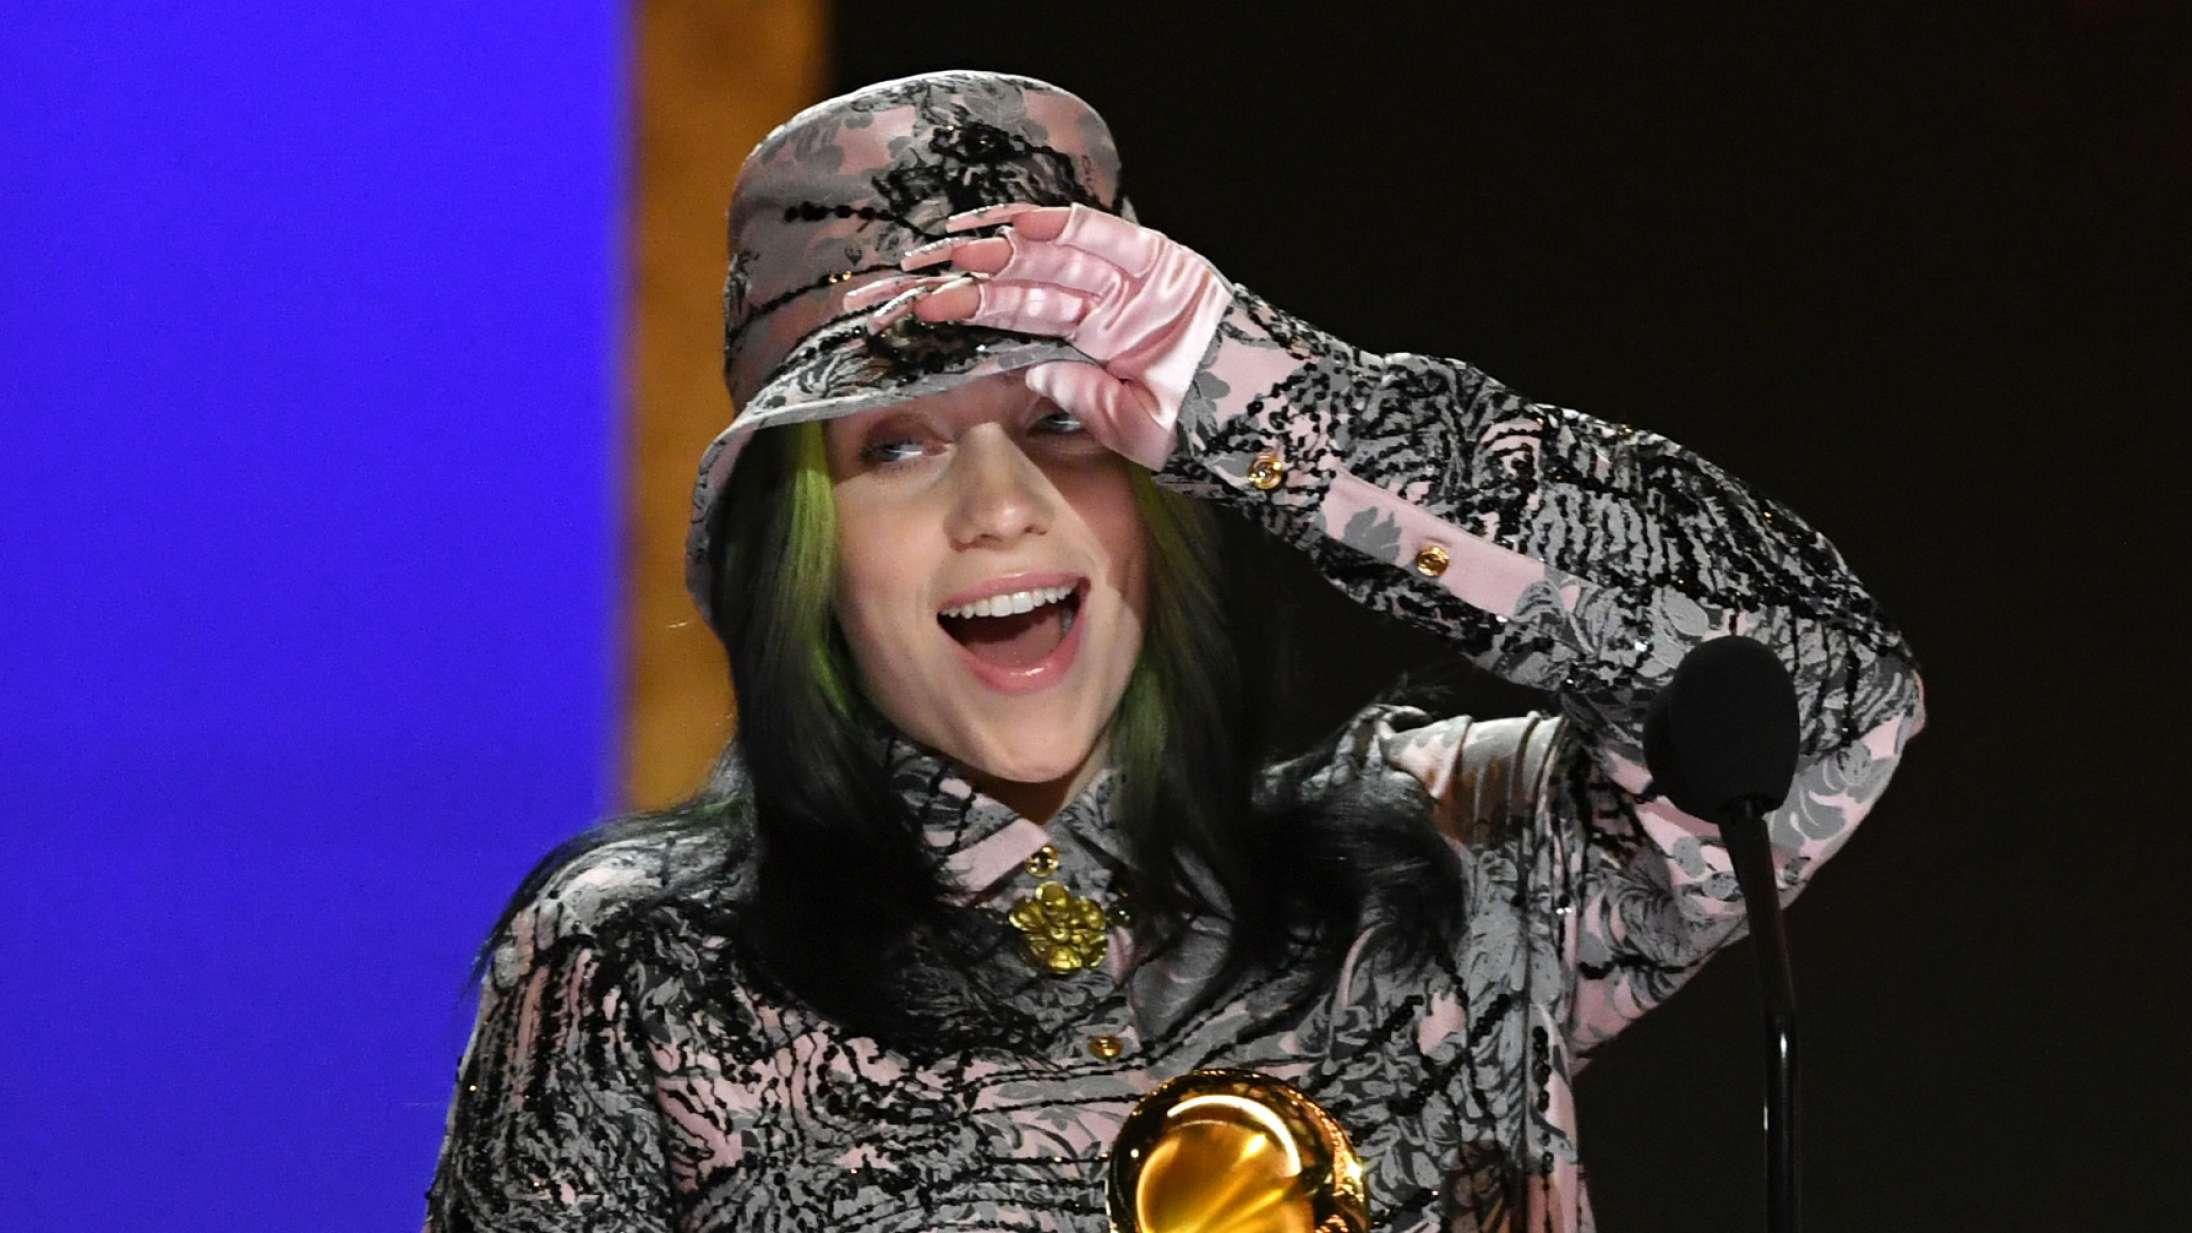 Er det hykleri eller hyldest, når Grammy-vindere siger undskyld for deres sejr?